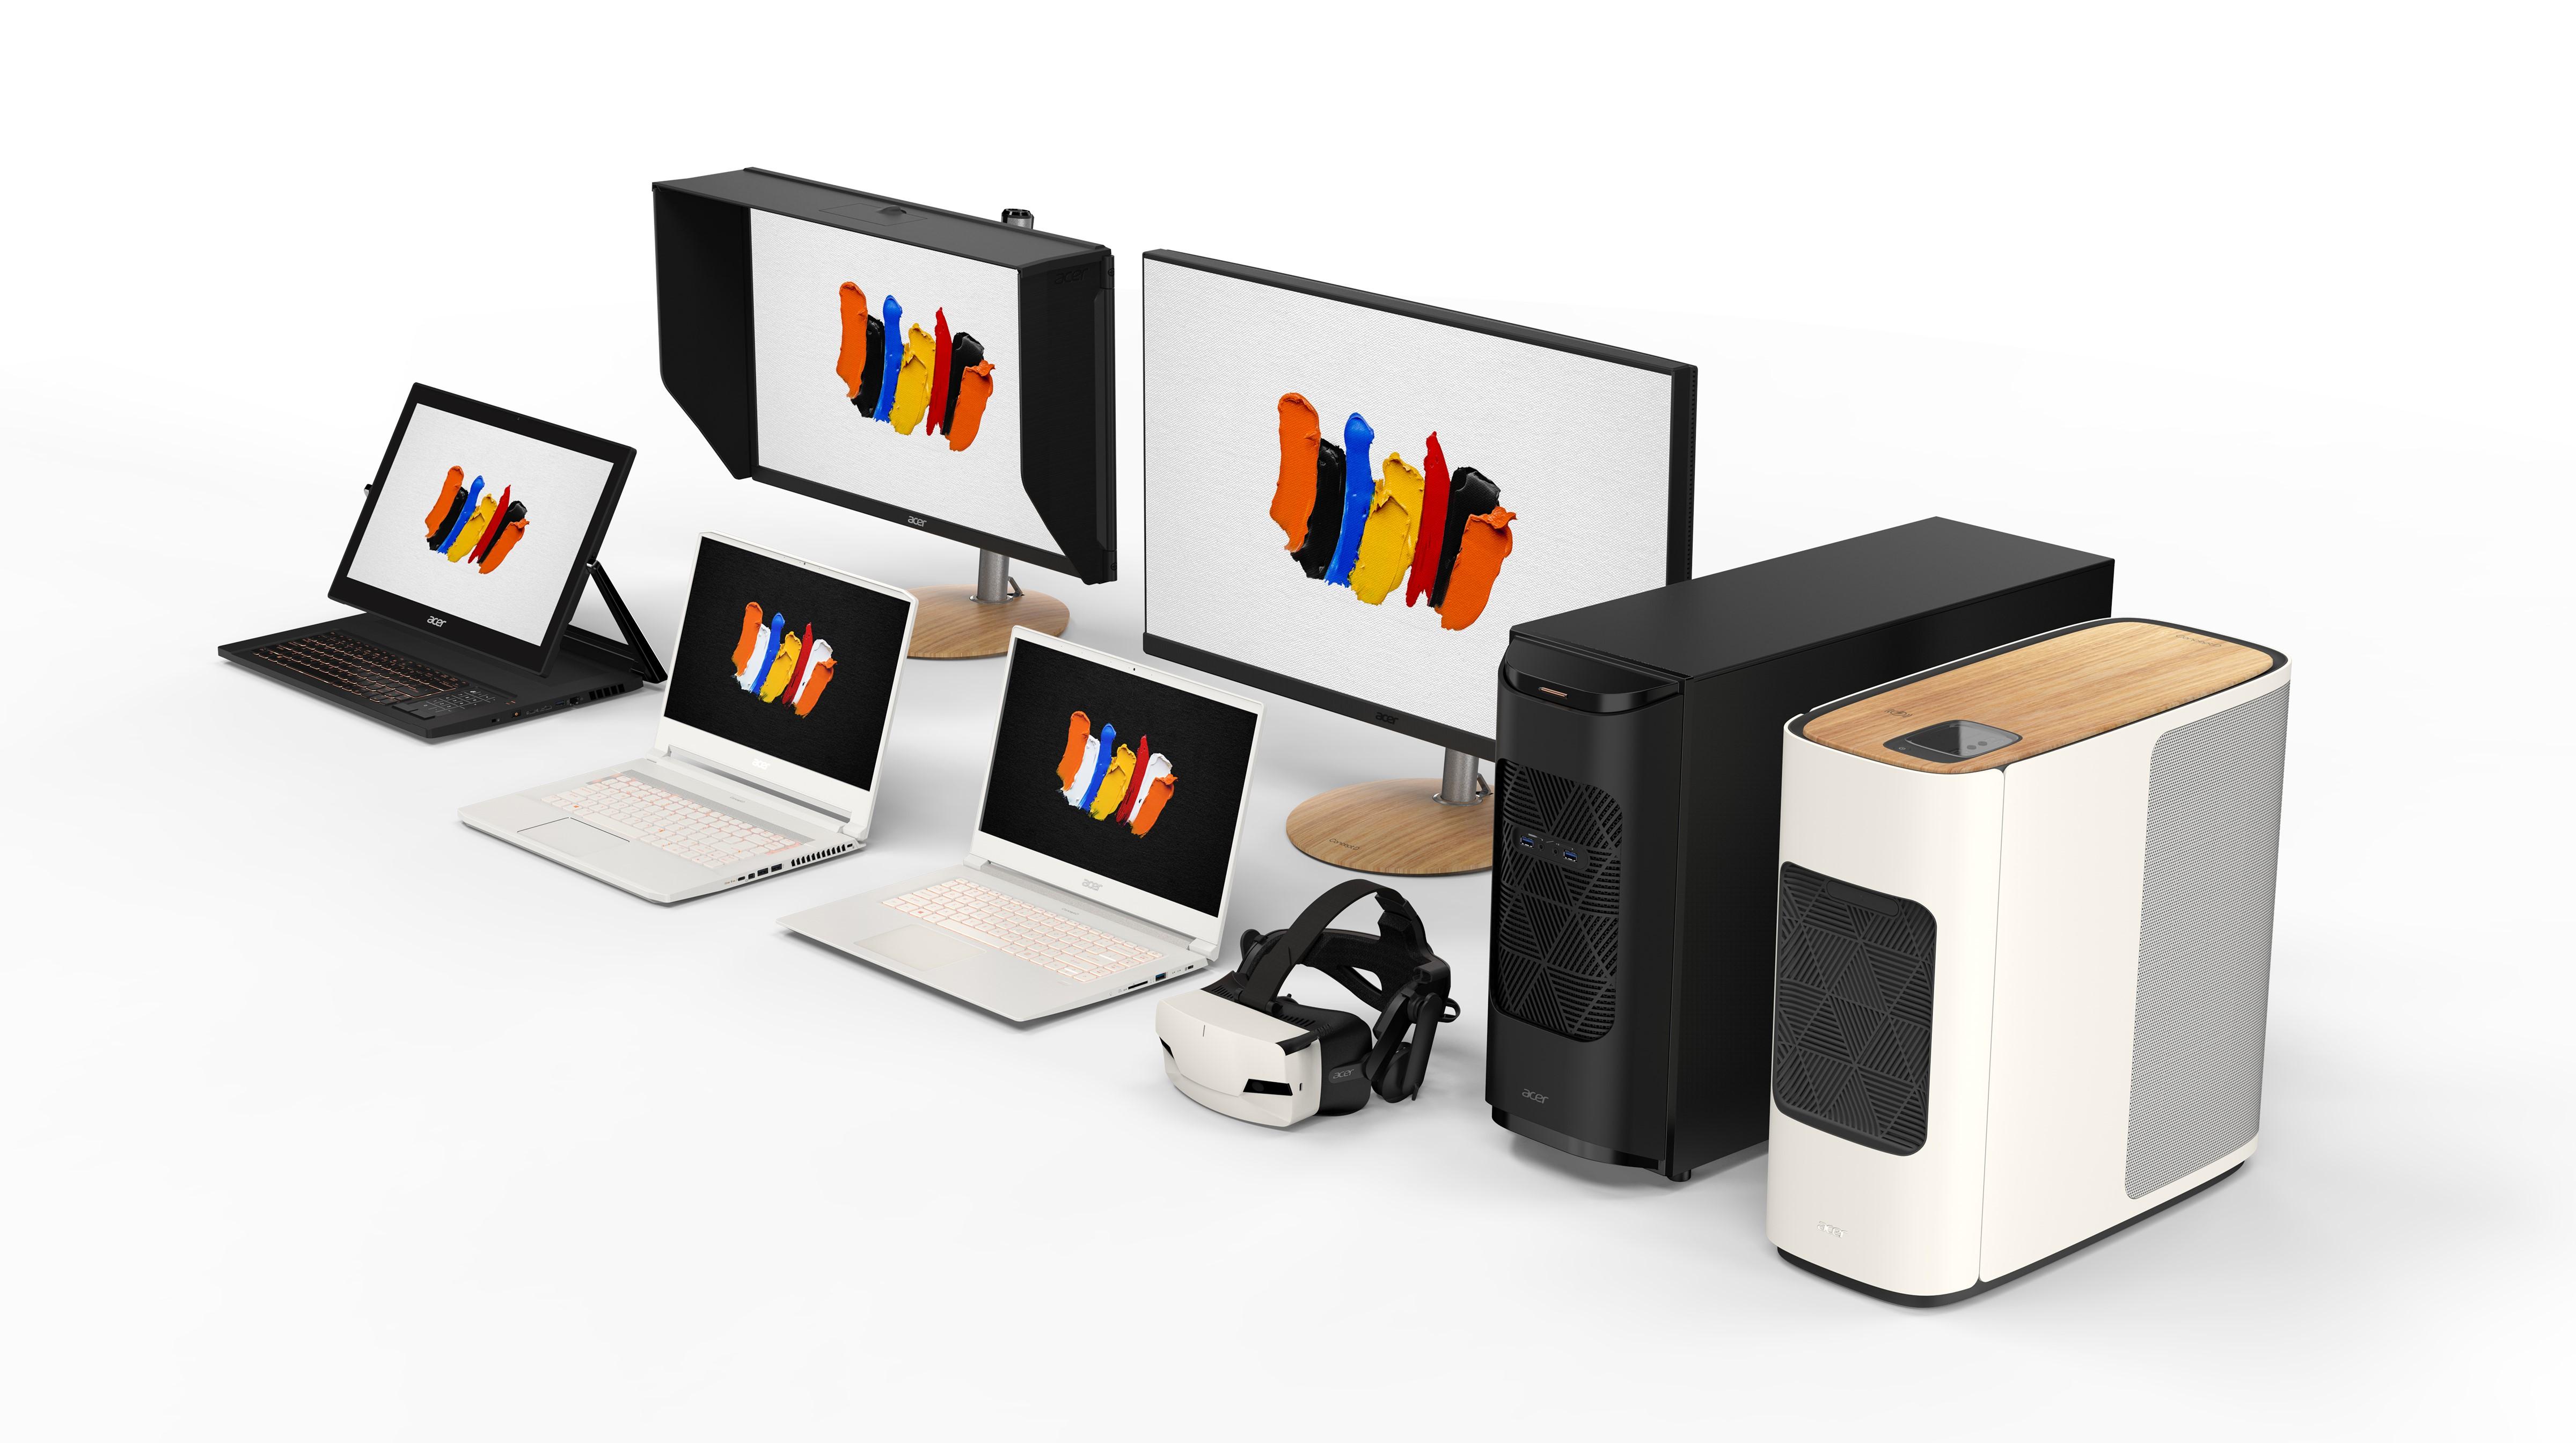 Med ConceptD satsar Acer på de kreativa användarna. Både amatörer och de riktigt tunga professionella. Foto: Acer